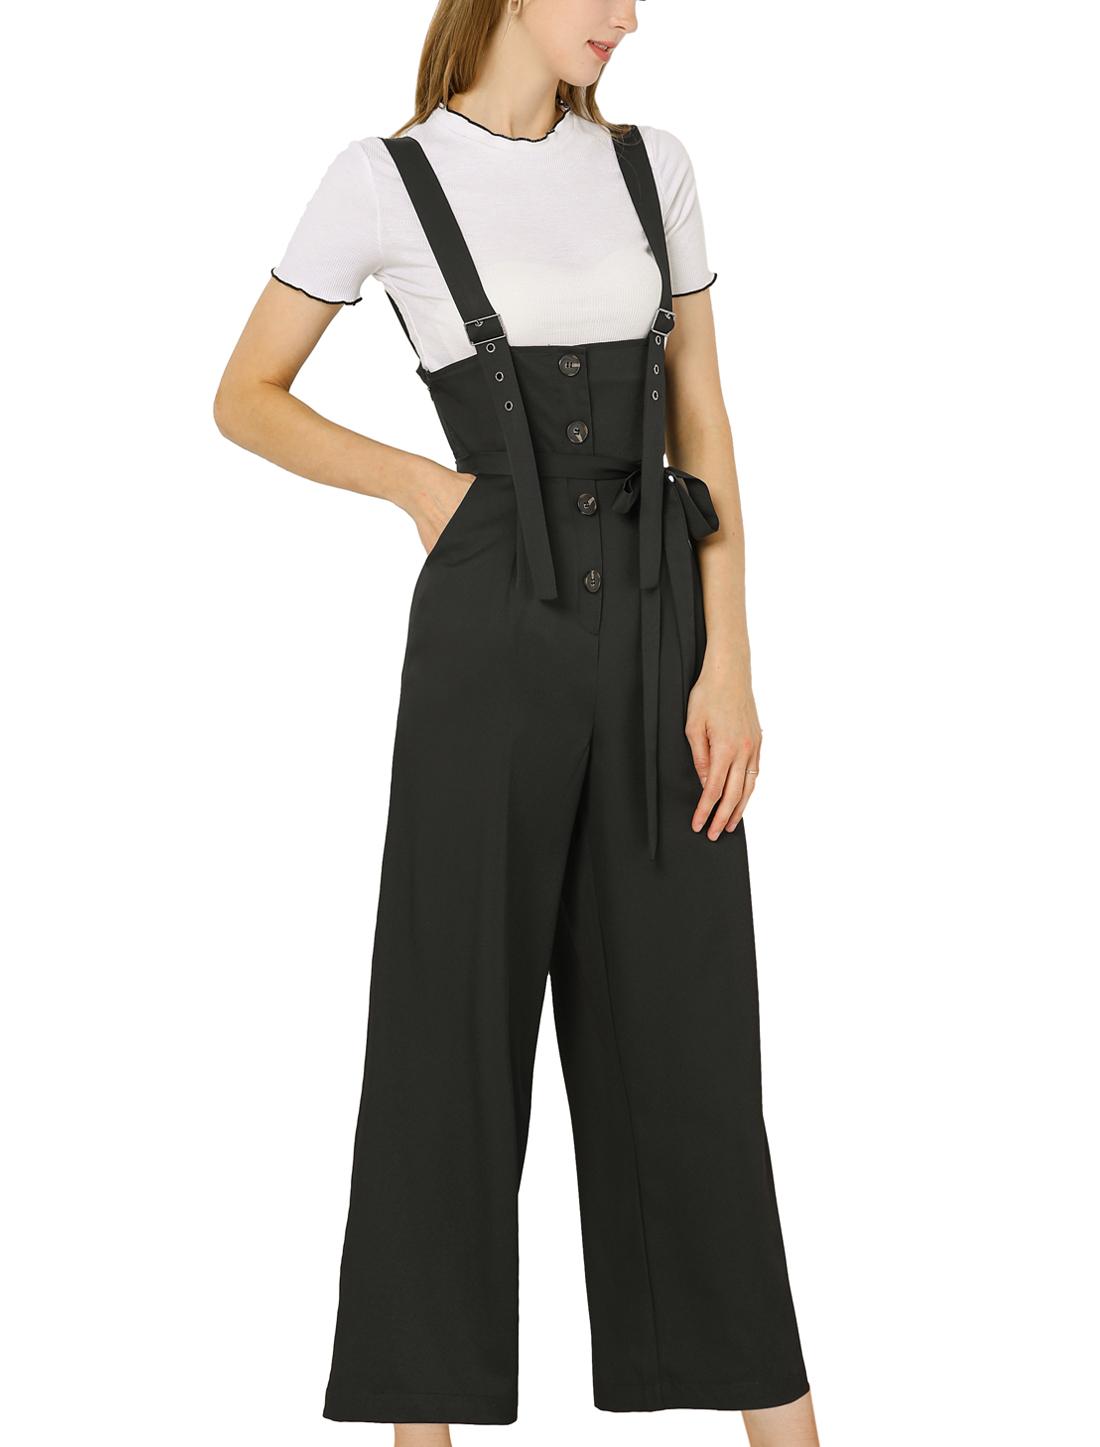 Women's Button Front High Waist Belt Straight Overall Jumpsuit Black M